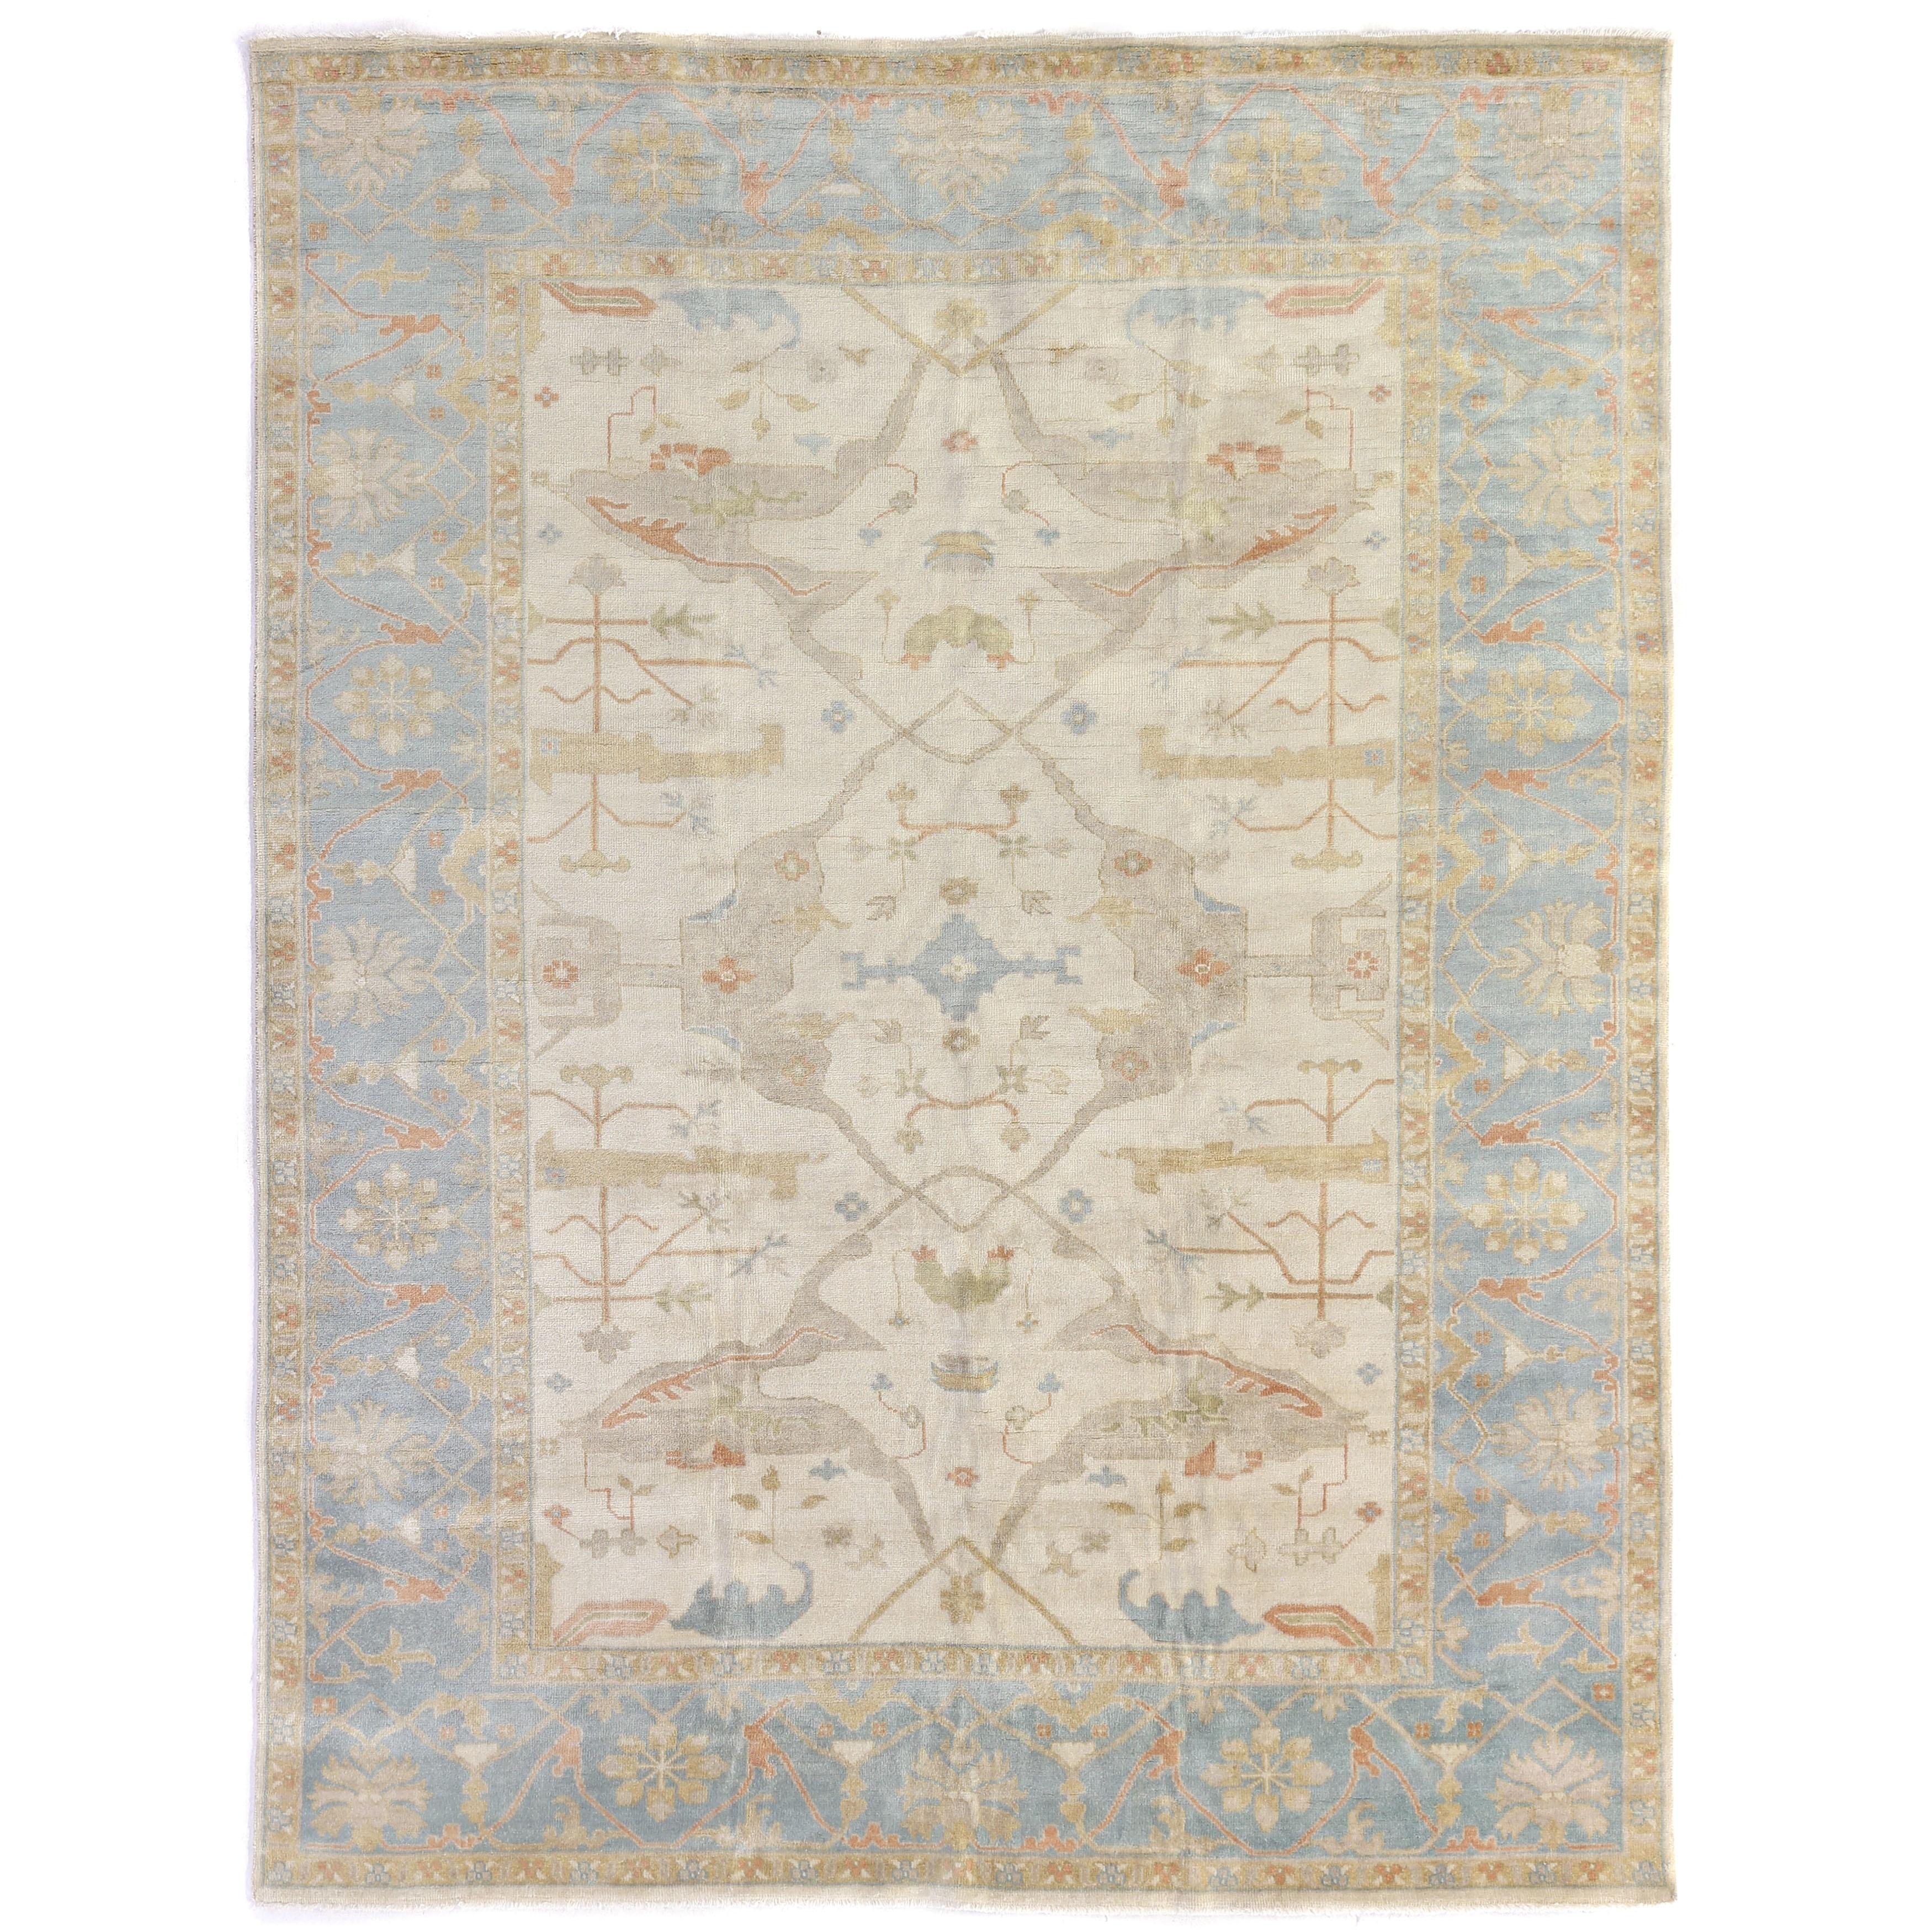 Exquisite Rugs Turkish Oushak Ivory Blue New Zealand Wool Rug 10 X 14